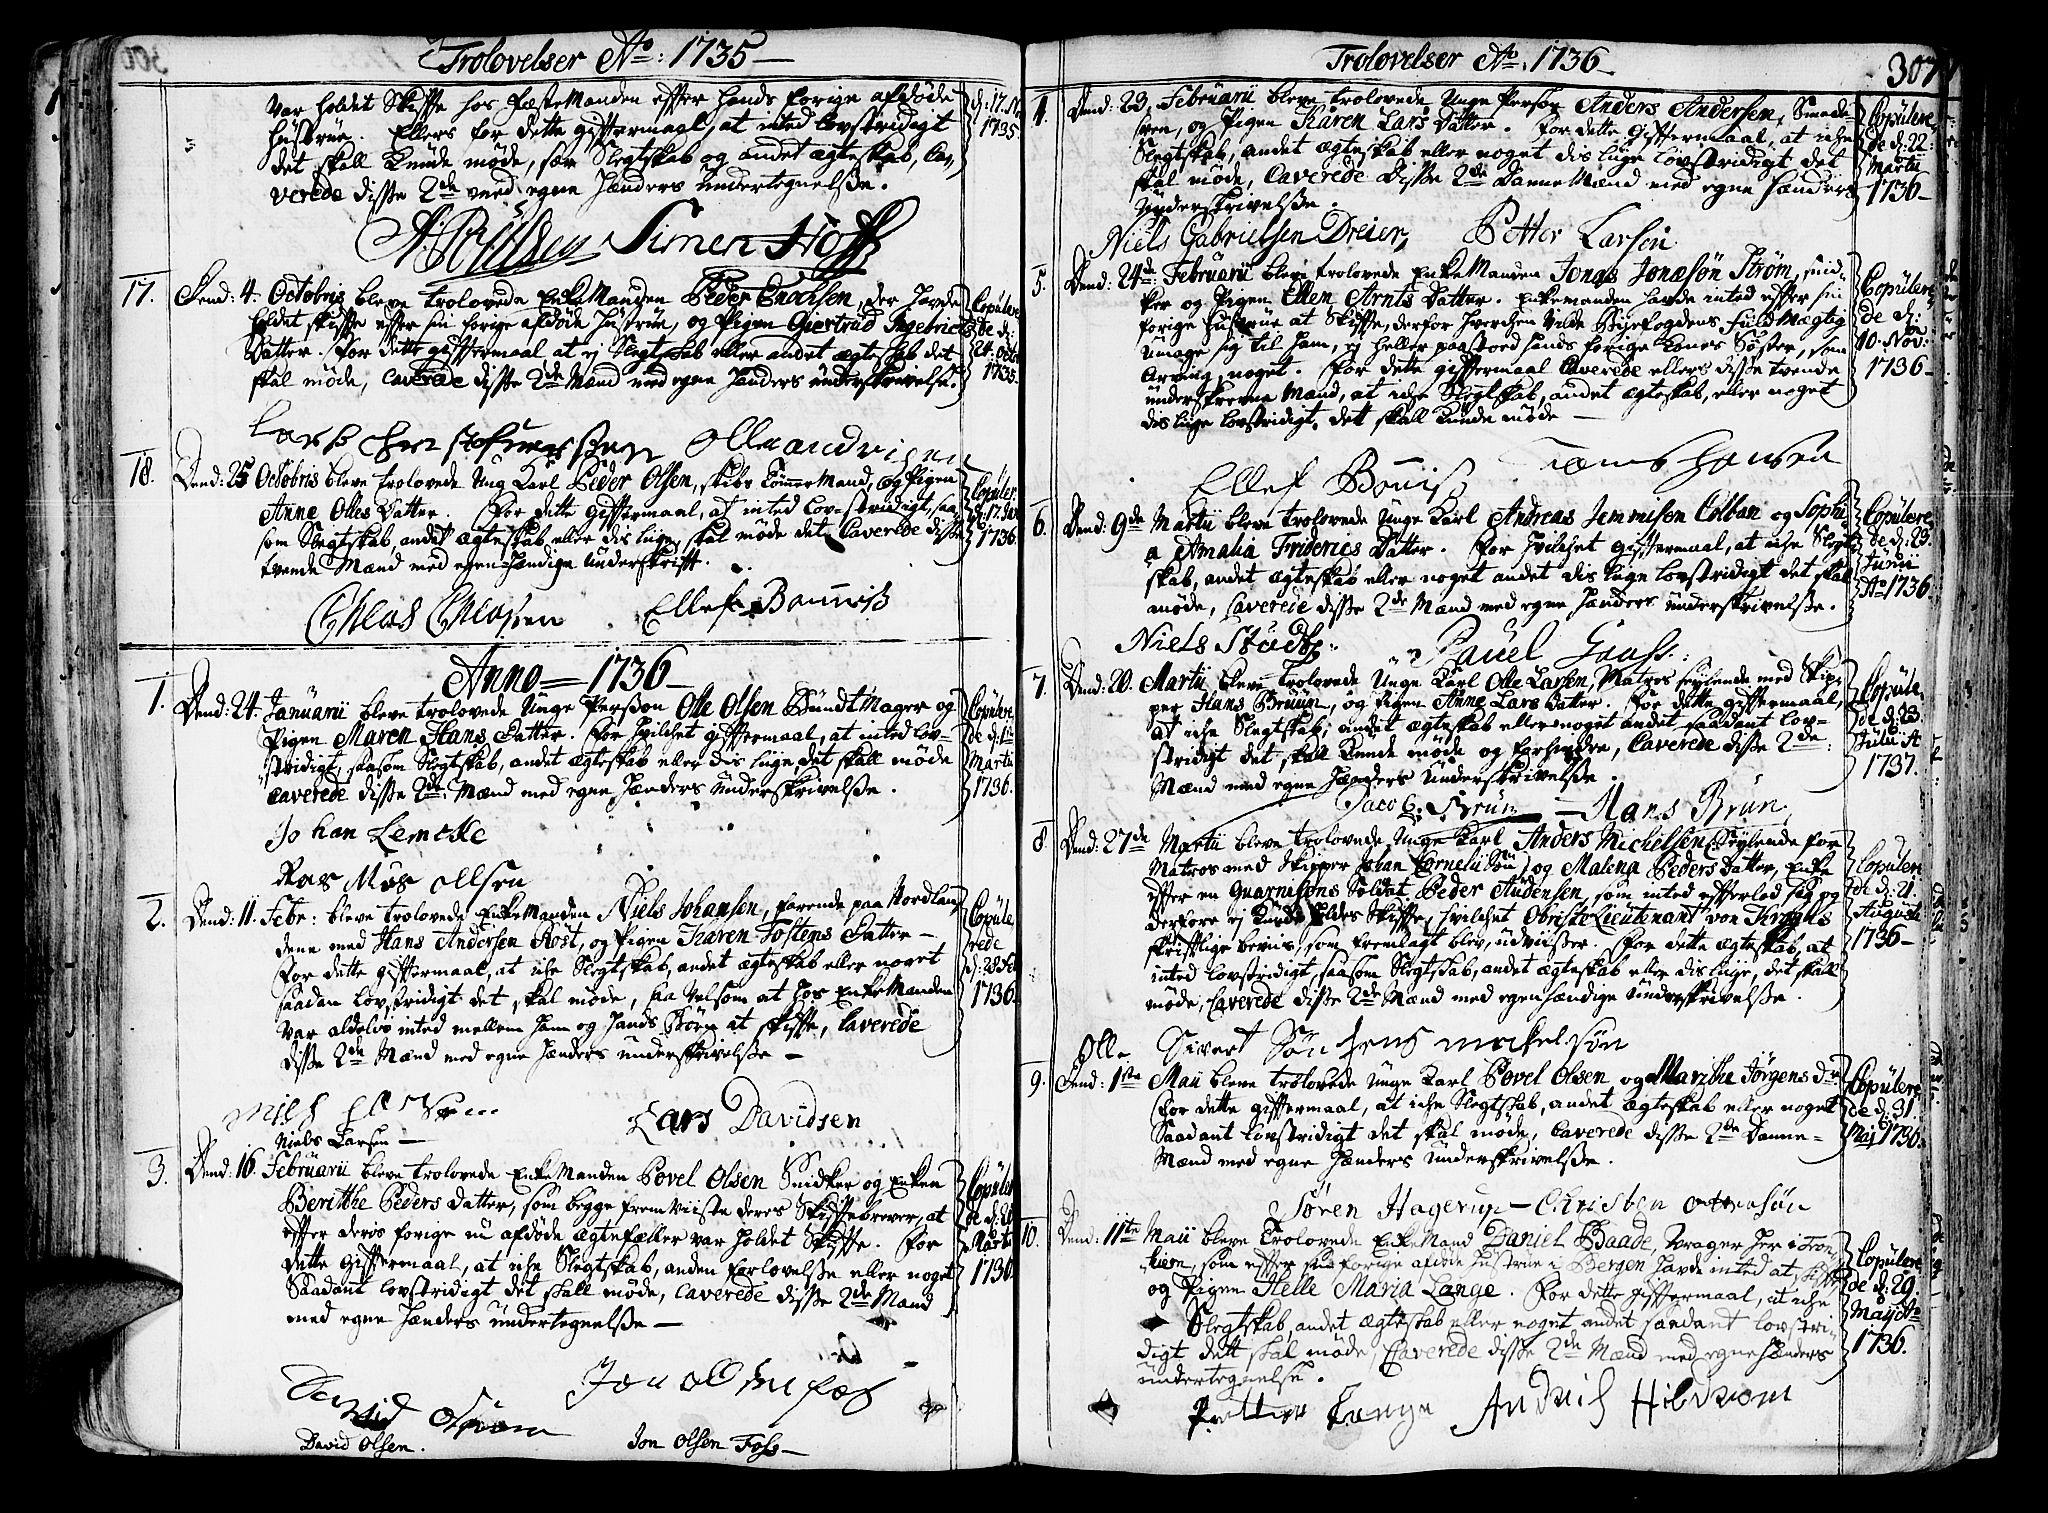 SAT, Ministerialprotokoller, klokkerbøker og fødselsregistre - Sør-Trøndelag, 602/L0103: Ministerialbok nr. 602A01, 1732-1774, s. 307